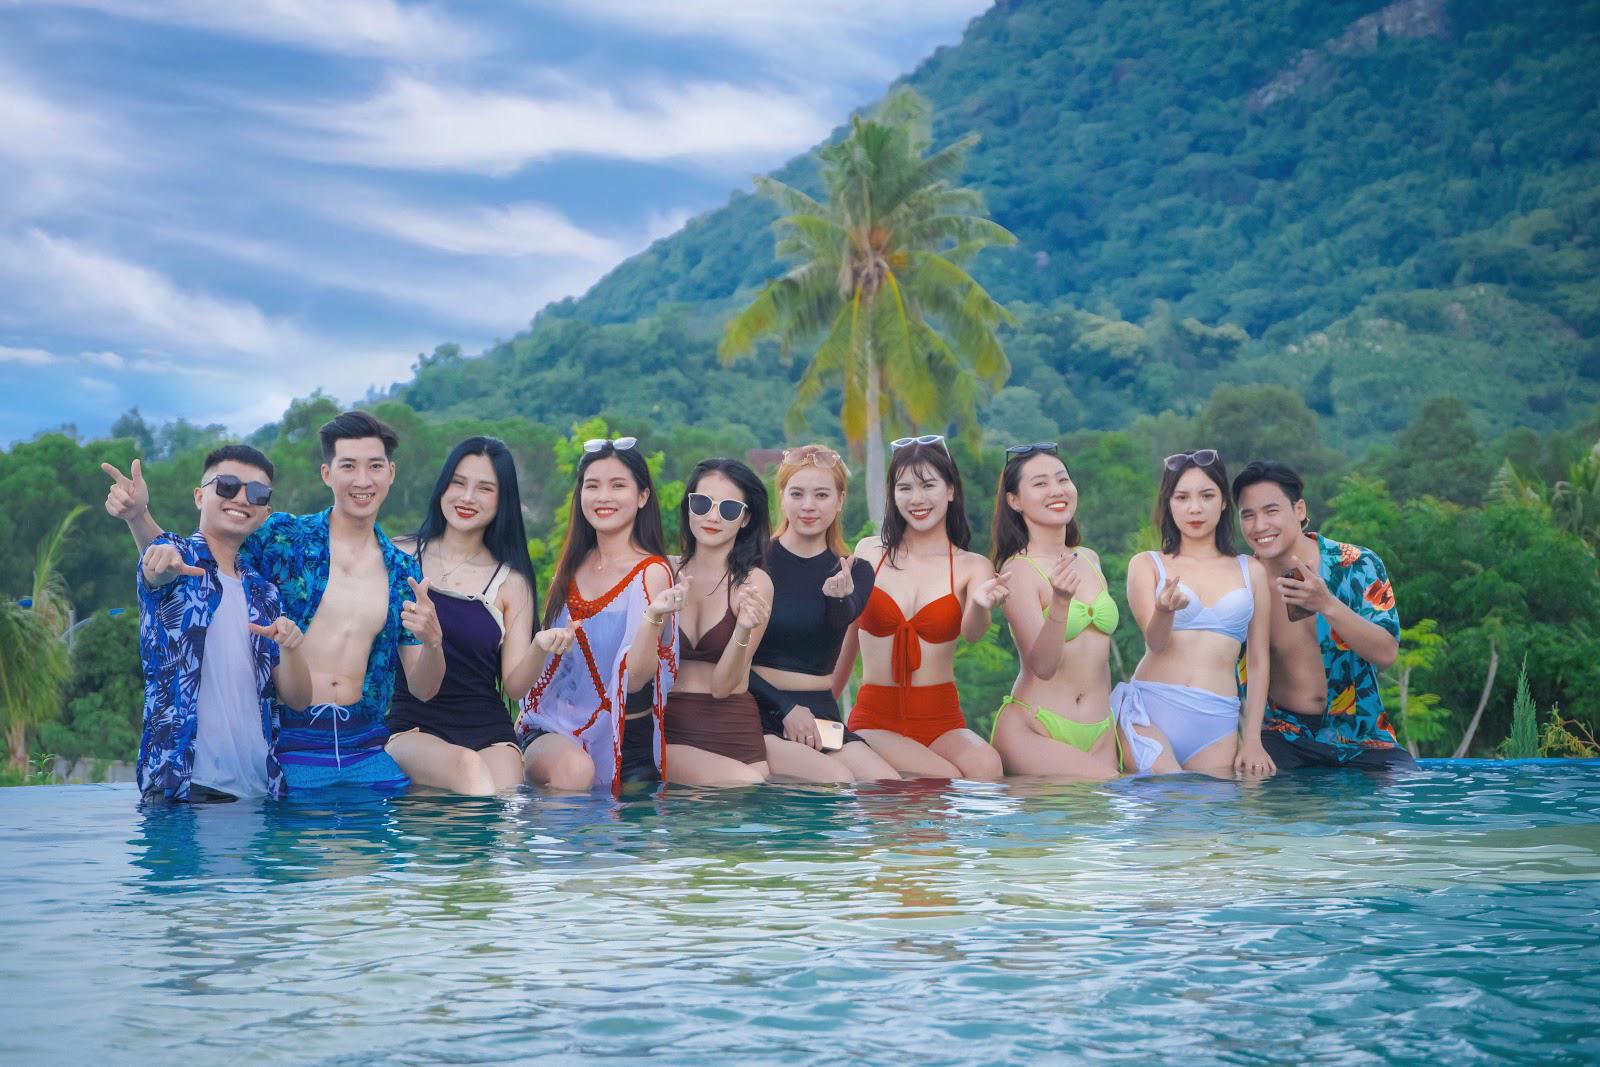 Điểm đến giải nhiệt mùa hè không thể bỏ qua của giới trẻ tại công viên nước Thanh Long Water Park An Giang - Ảnh 4.